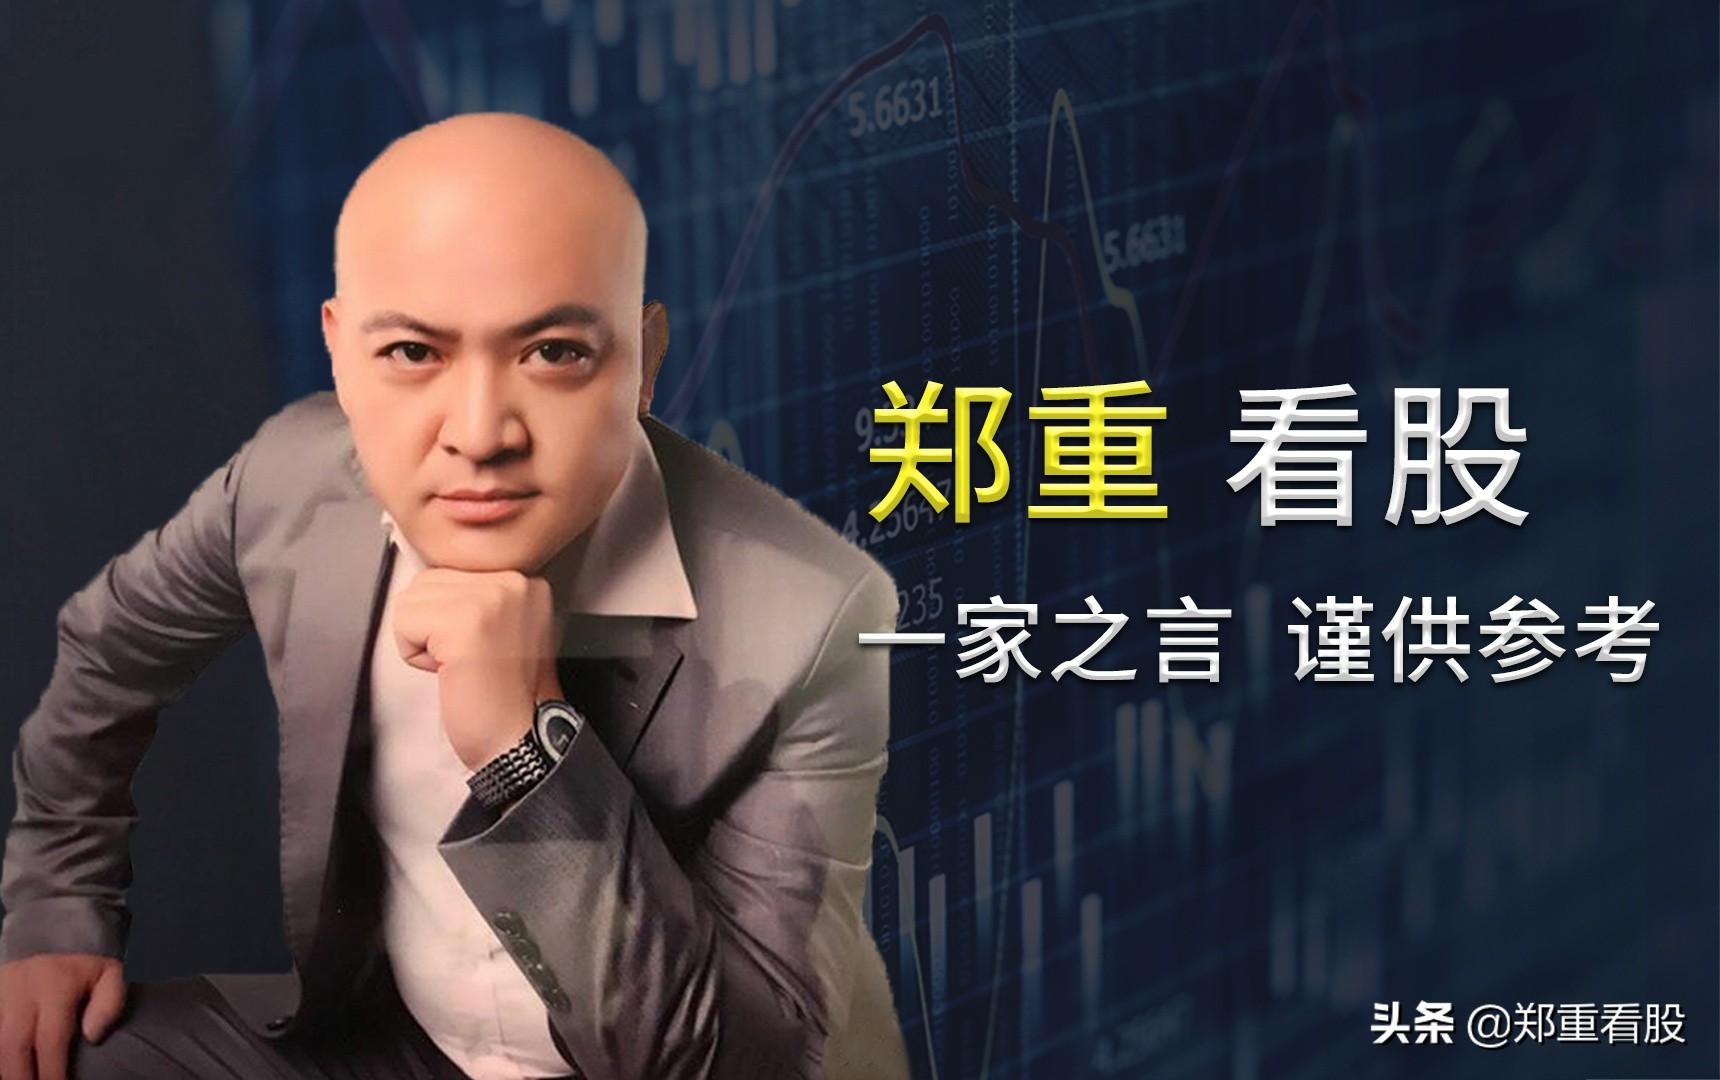 """郑重看股:王海爆""""辛巴假燕窝""""成本不到1元 网红概念股有风险"""